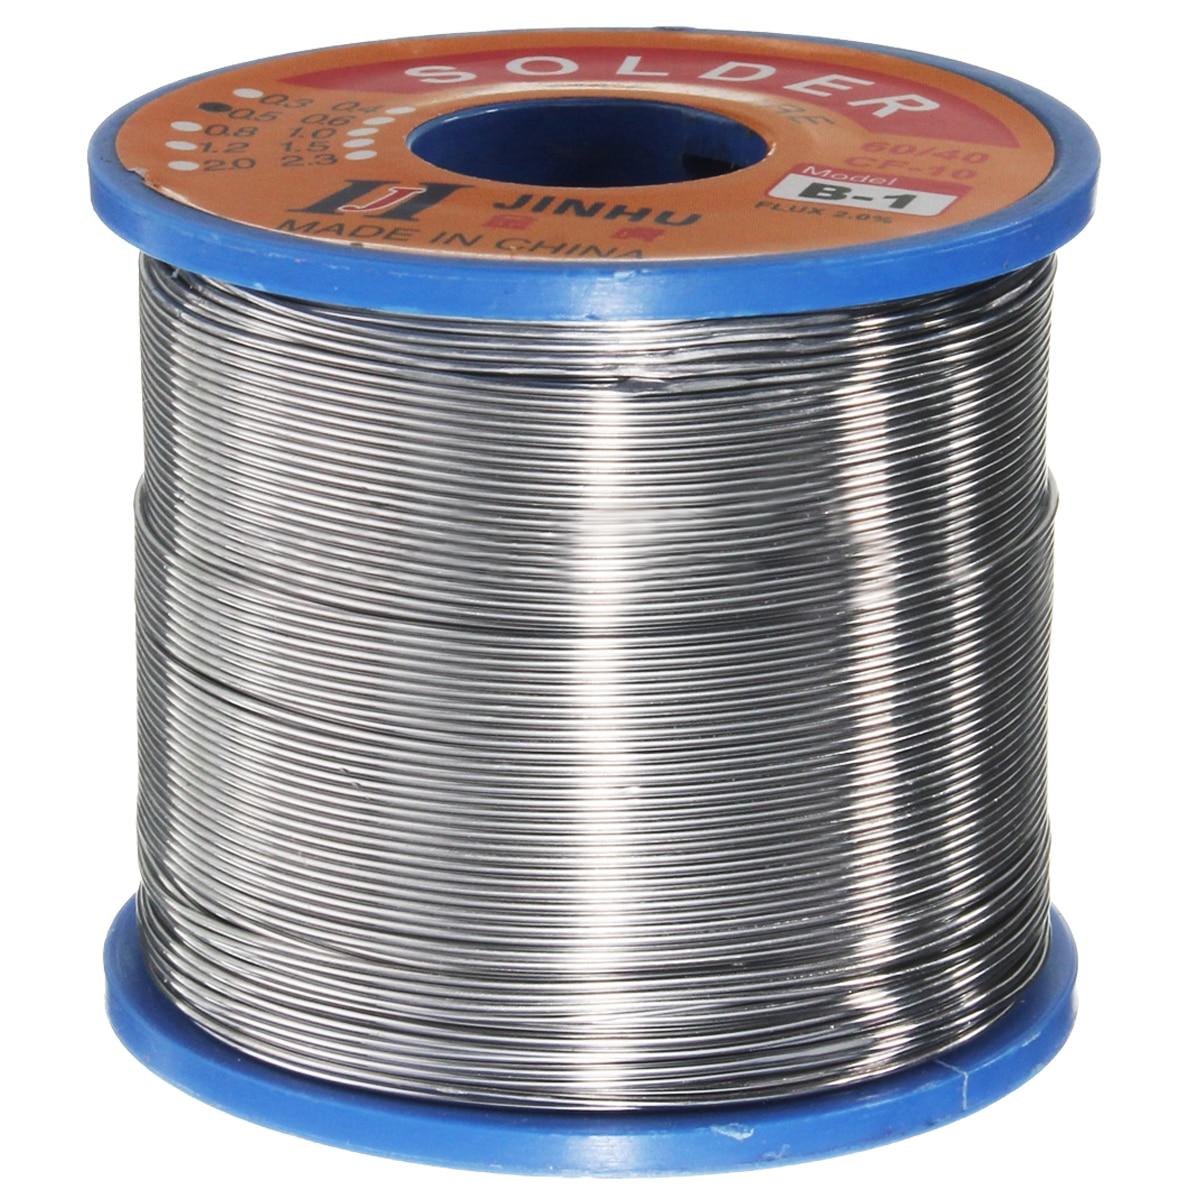 400g 60/40 pb Solder Flux Wire Rosin Core Saldatura Rotolo 0.5 Mm